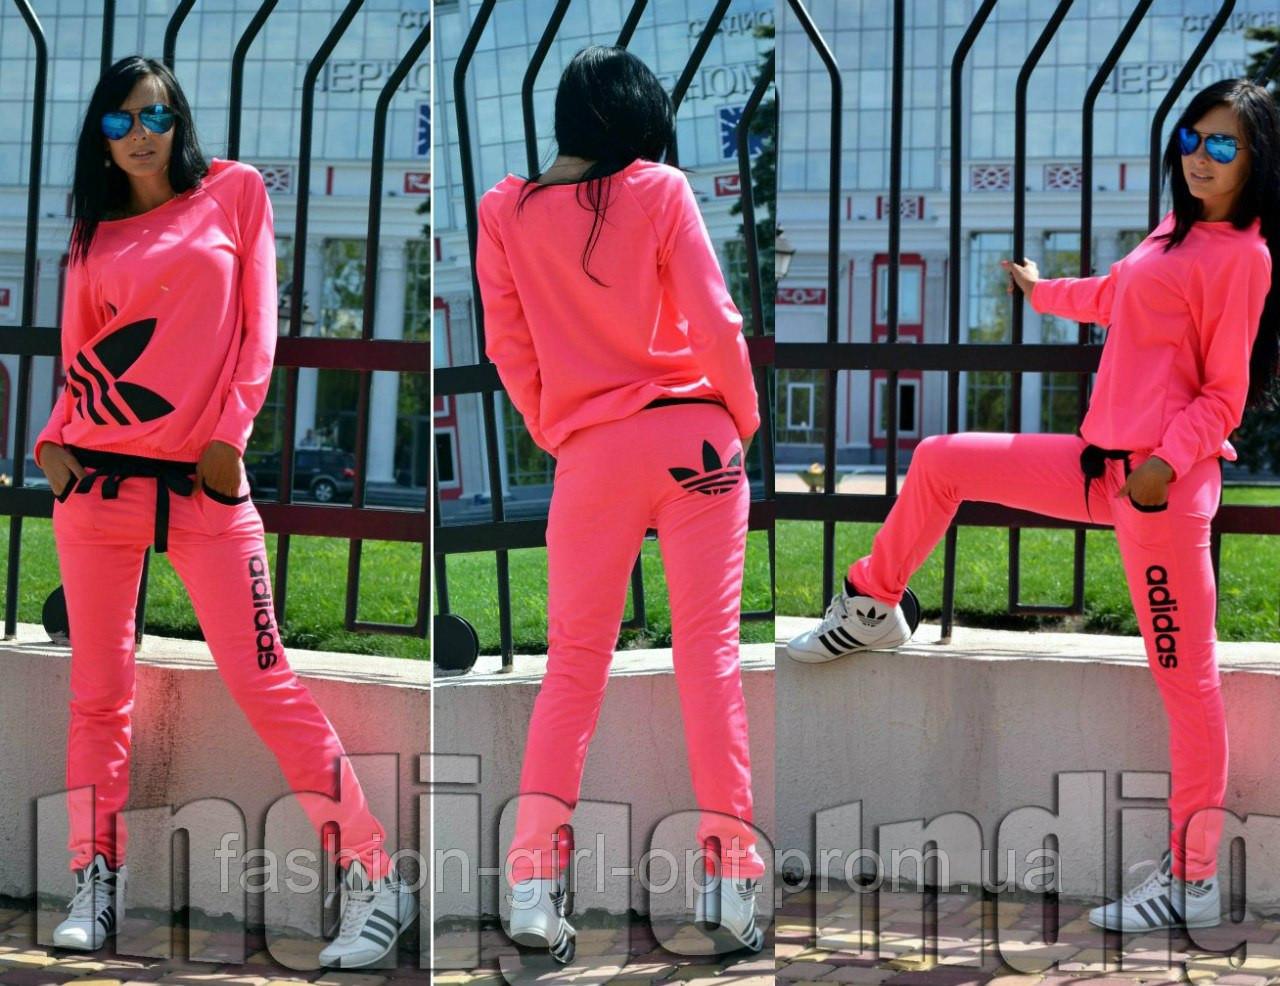 Фото спортивных костюмов от adidas 6